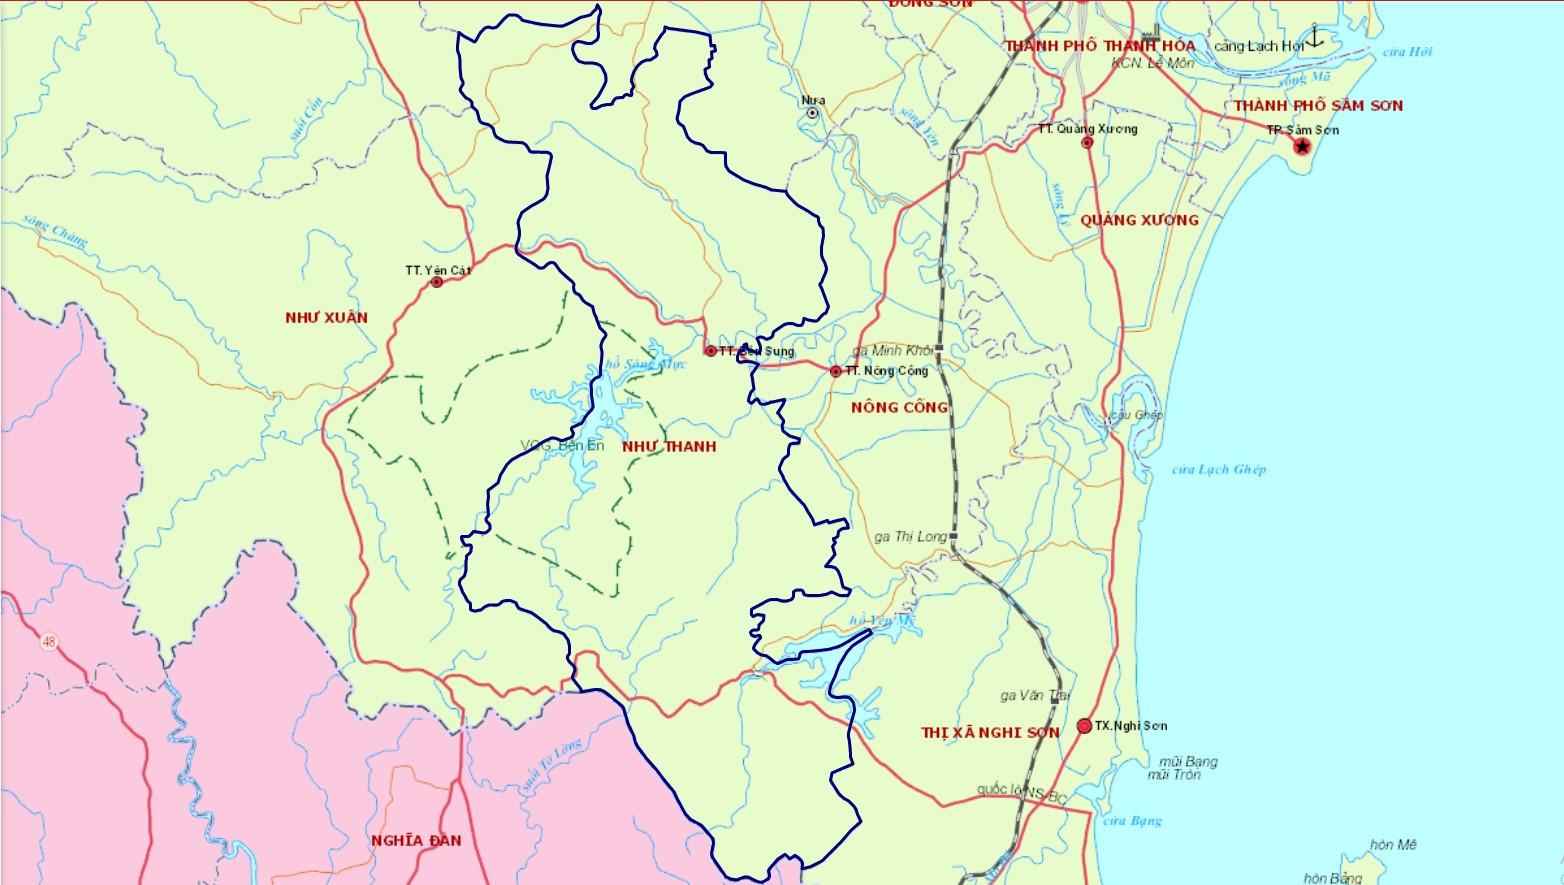 Bản đồ hành chính huyện Như Thanh